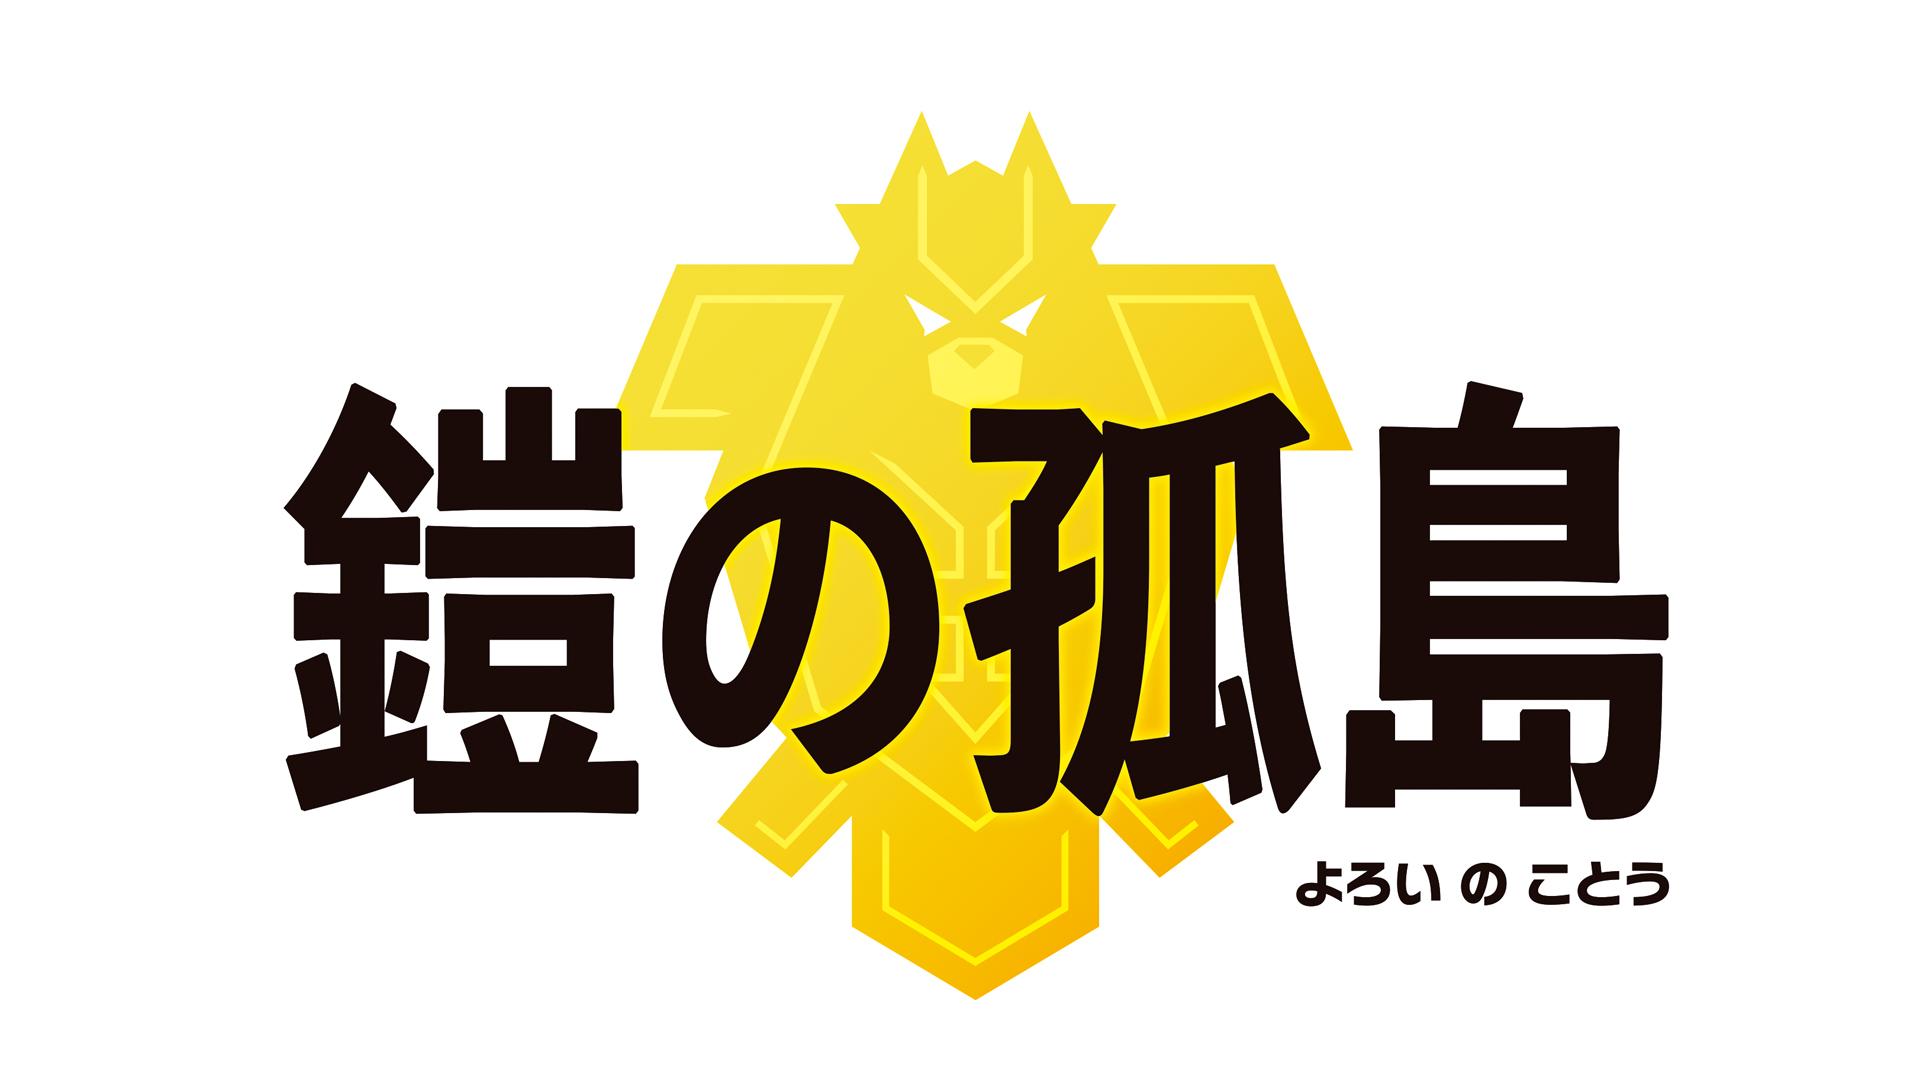 Yoroi no Kotou